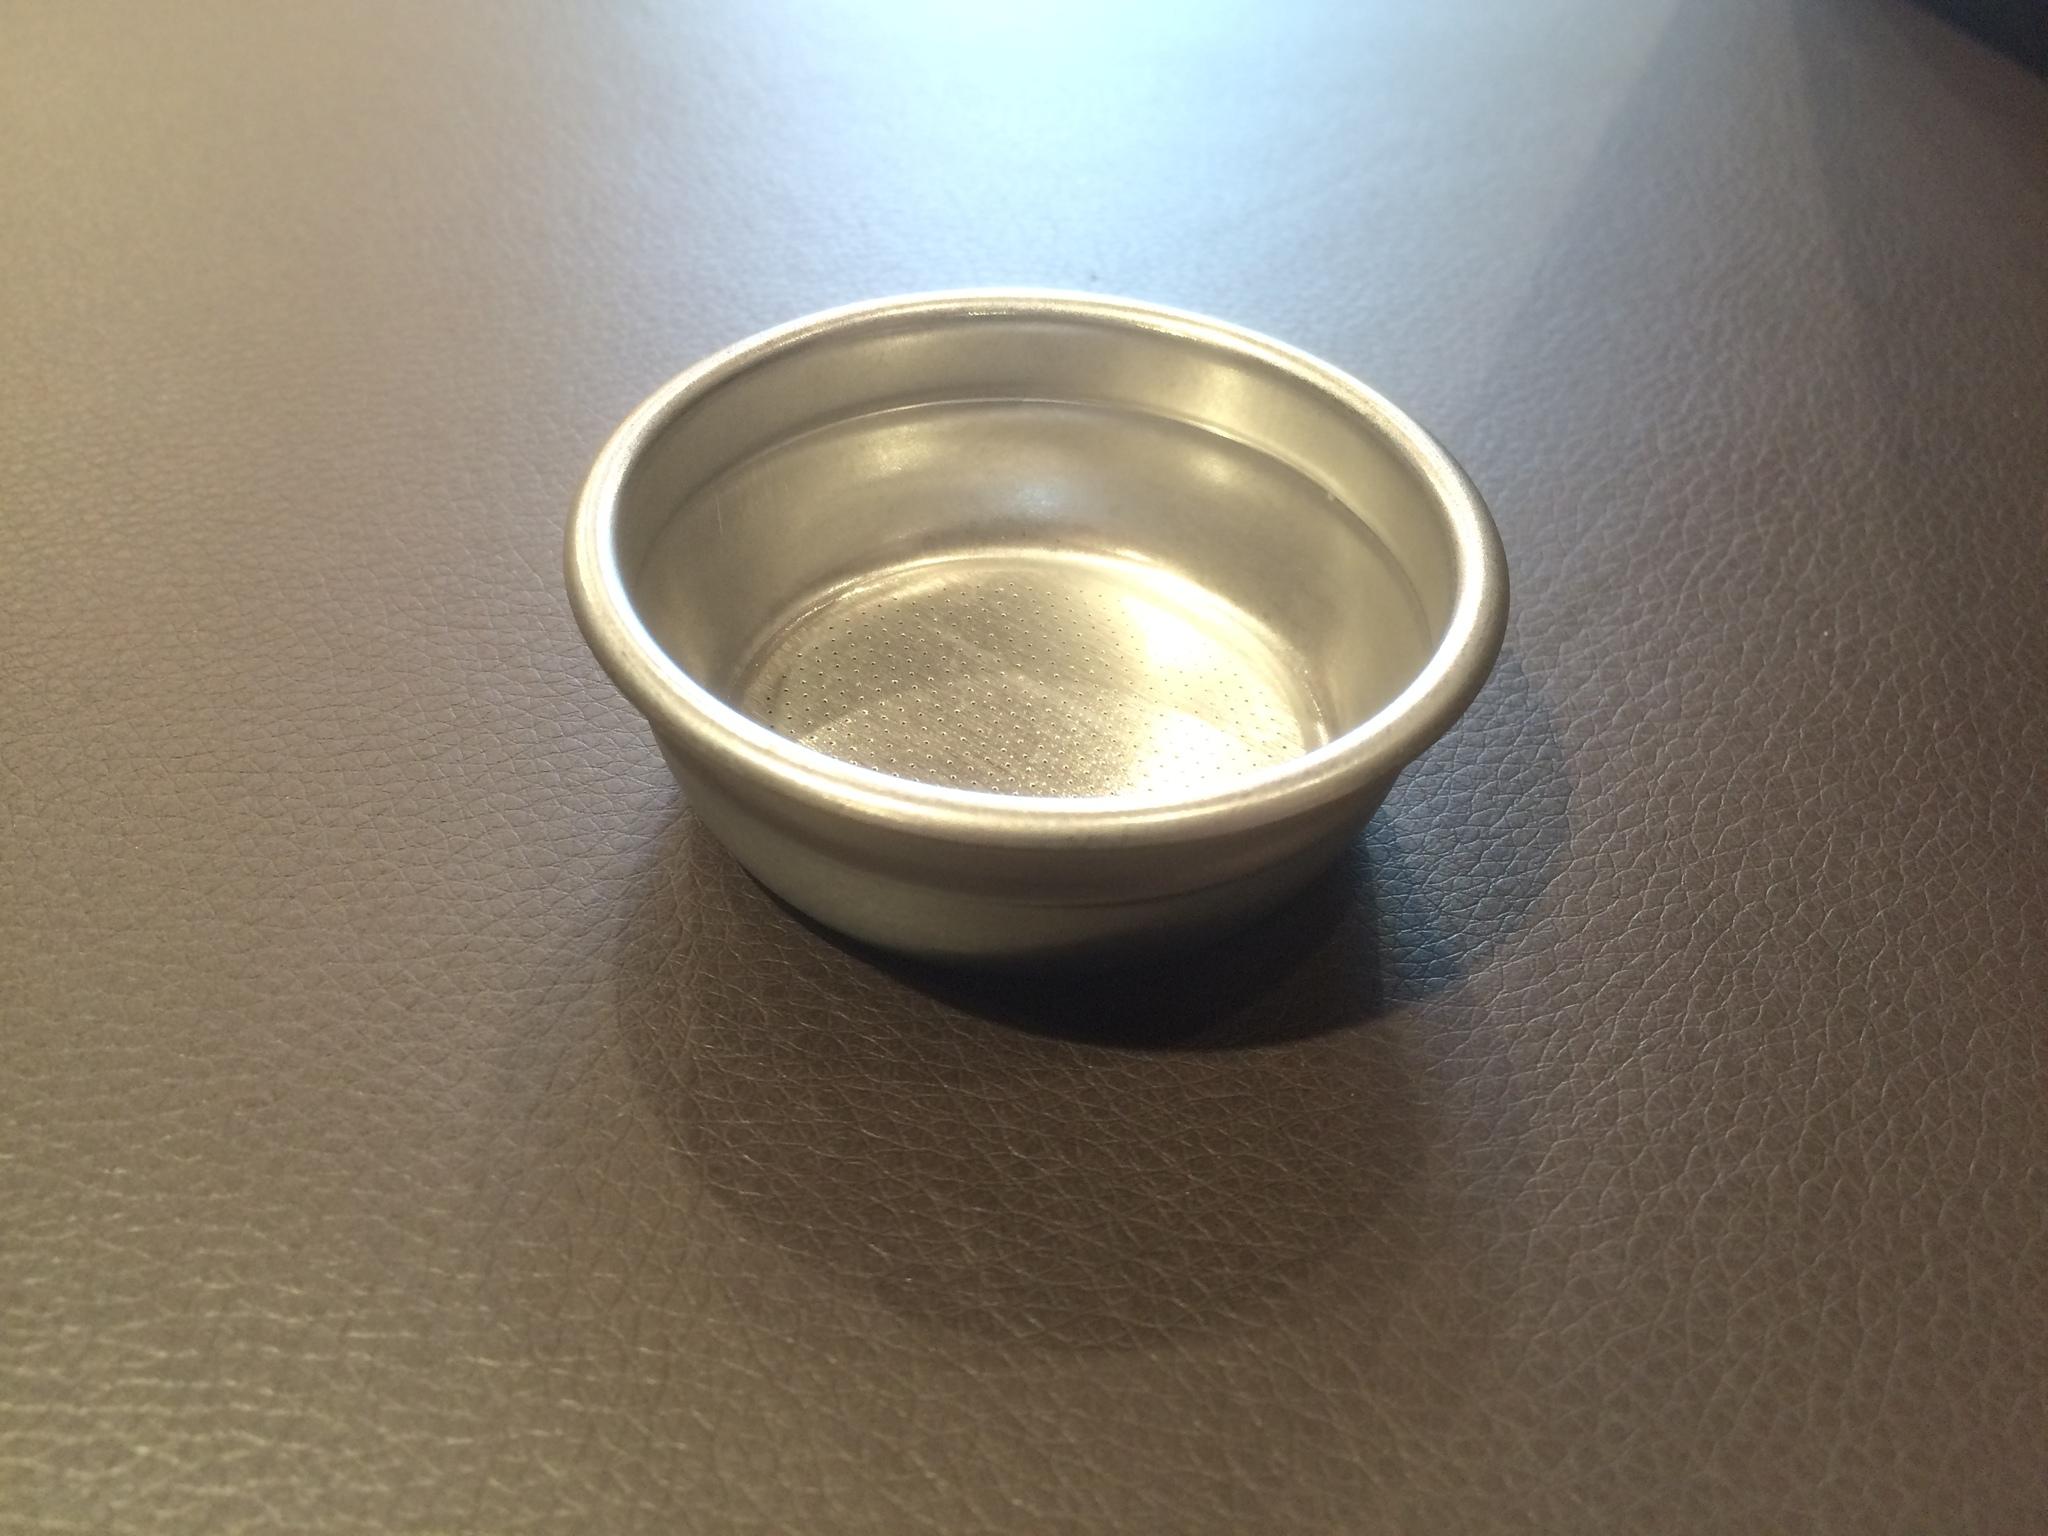 Baristazubehör Sieb 2 Tassen 14g 58mm E61